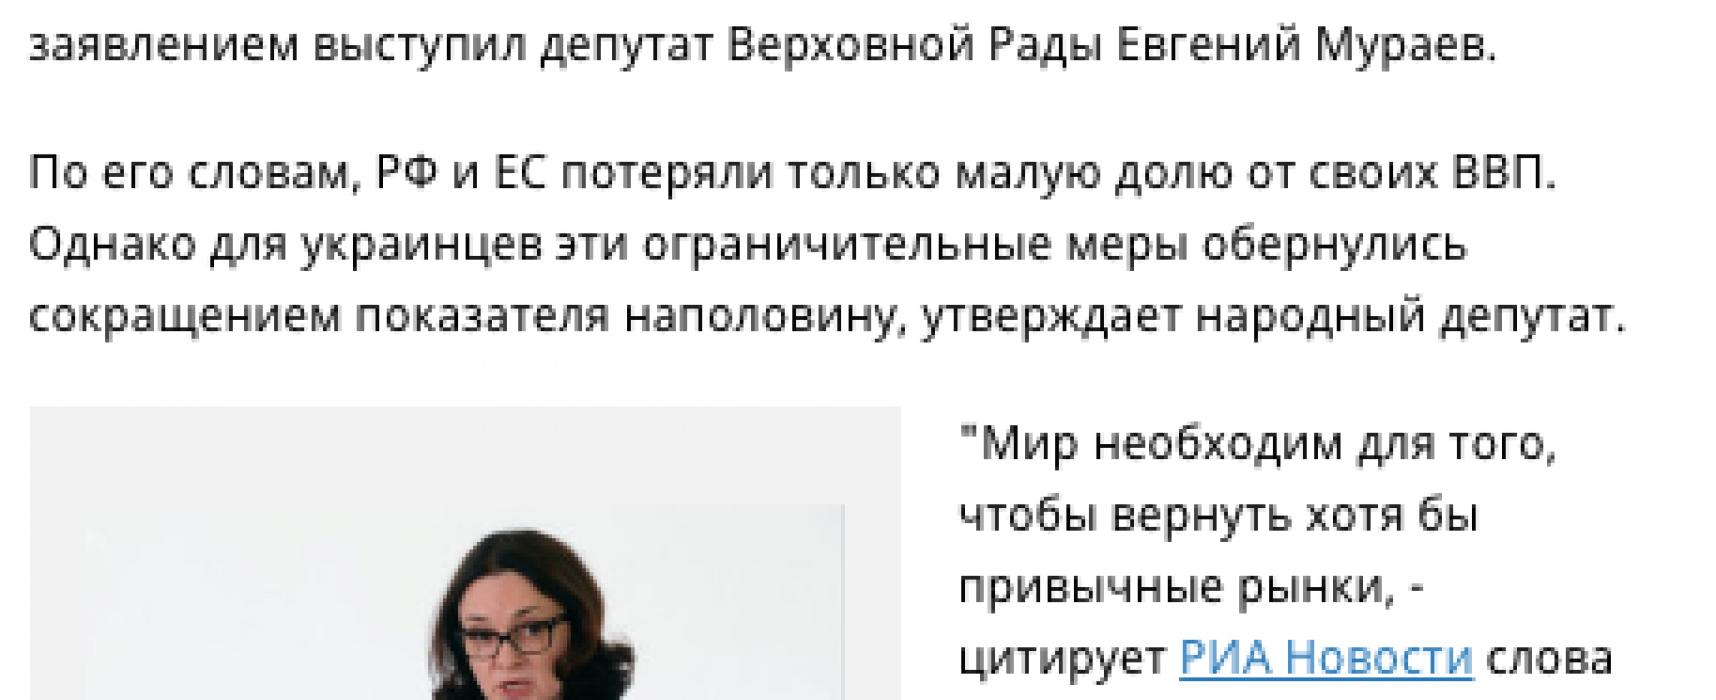 Фейк: Украйна изгубила половината си БВП заради антируските санкции